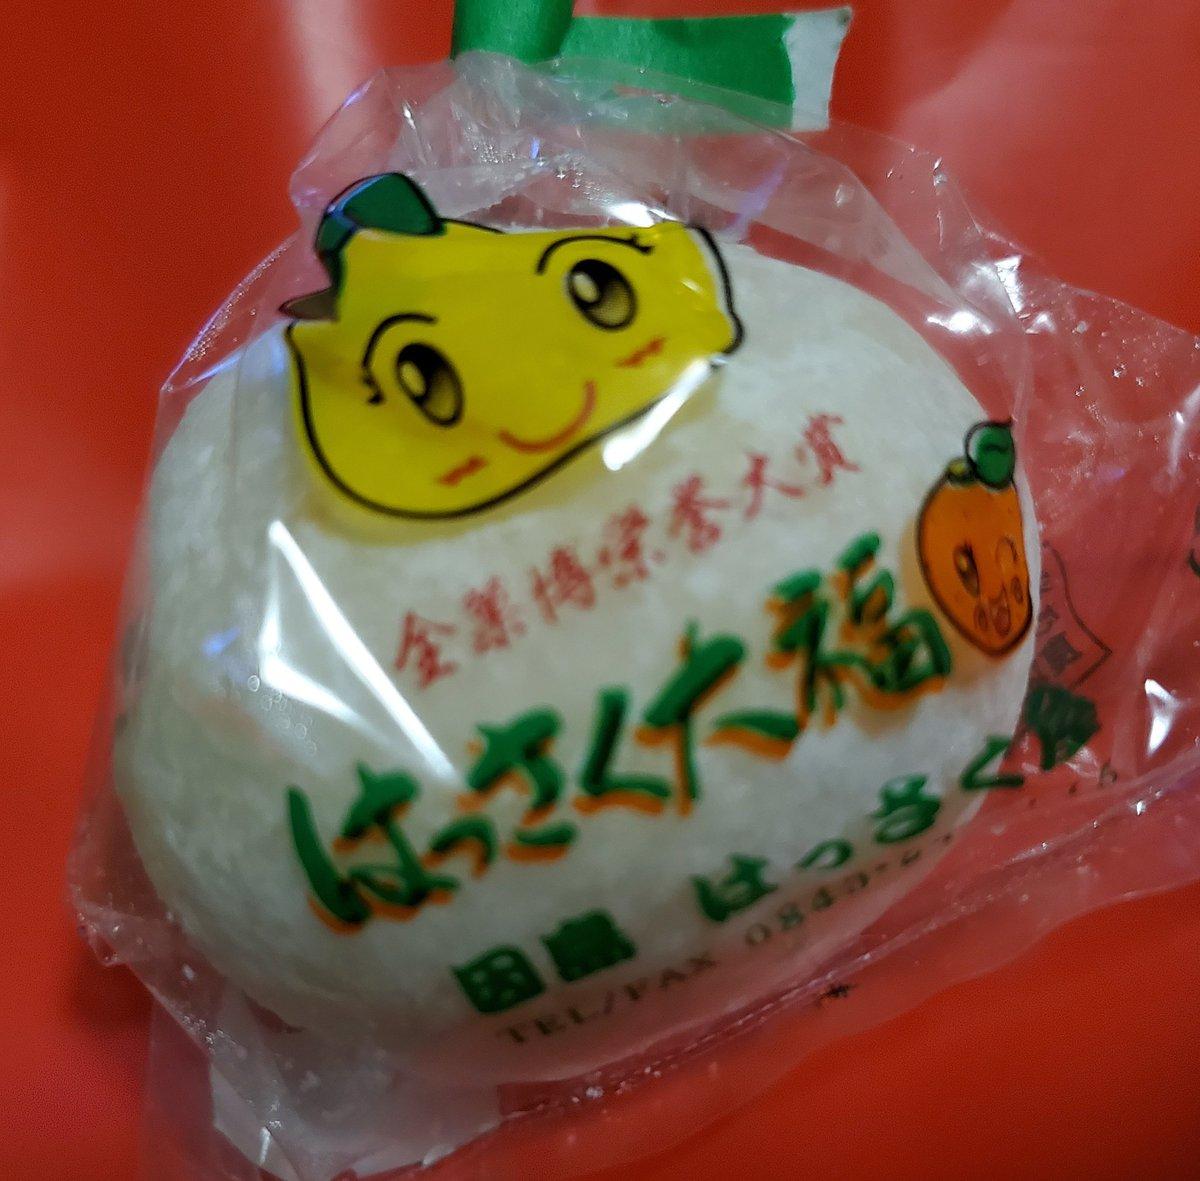 test ツイッターメディア - 広島と言えばはっさく大福❣️ 美味しい~🍀 #はっさく大福 https://t.co/DyNPTlZtDF